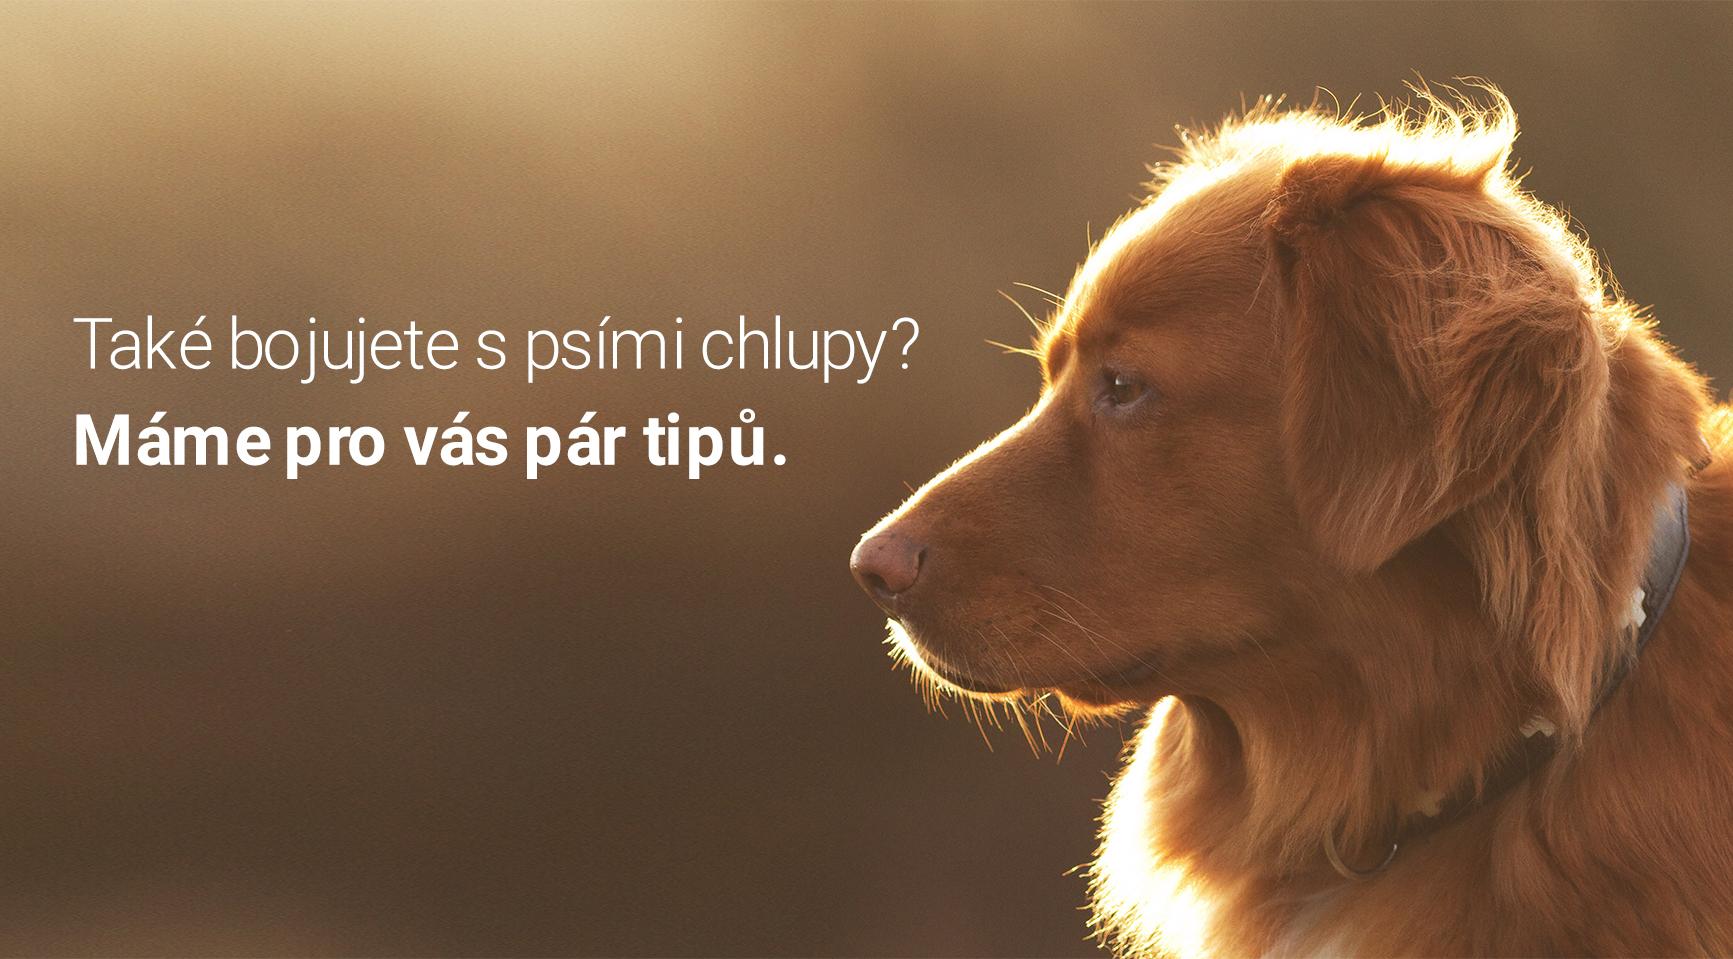 Obtěžuje vás línání vašeho psa?